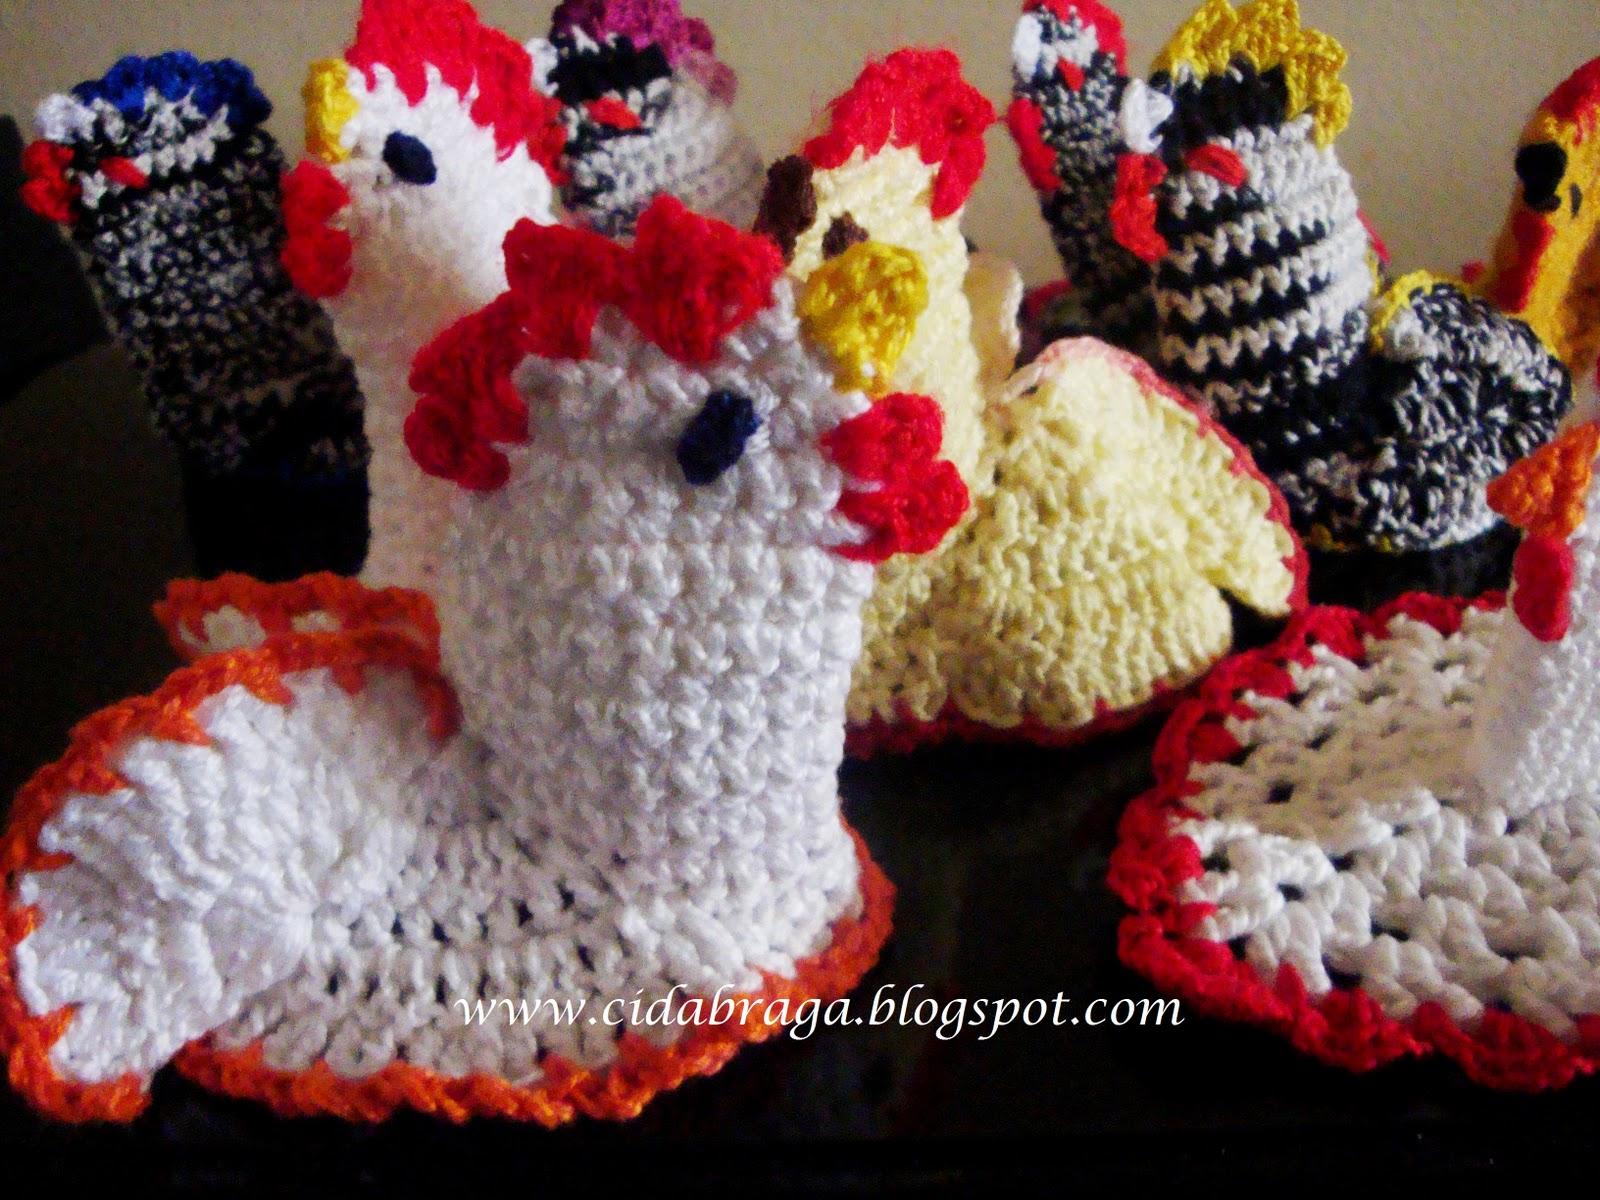 Cozinha e Artes: Galinha de Crochê para bico de Bule